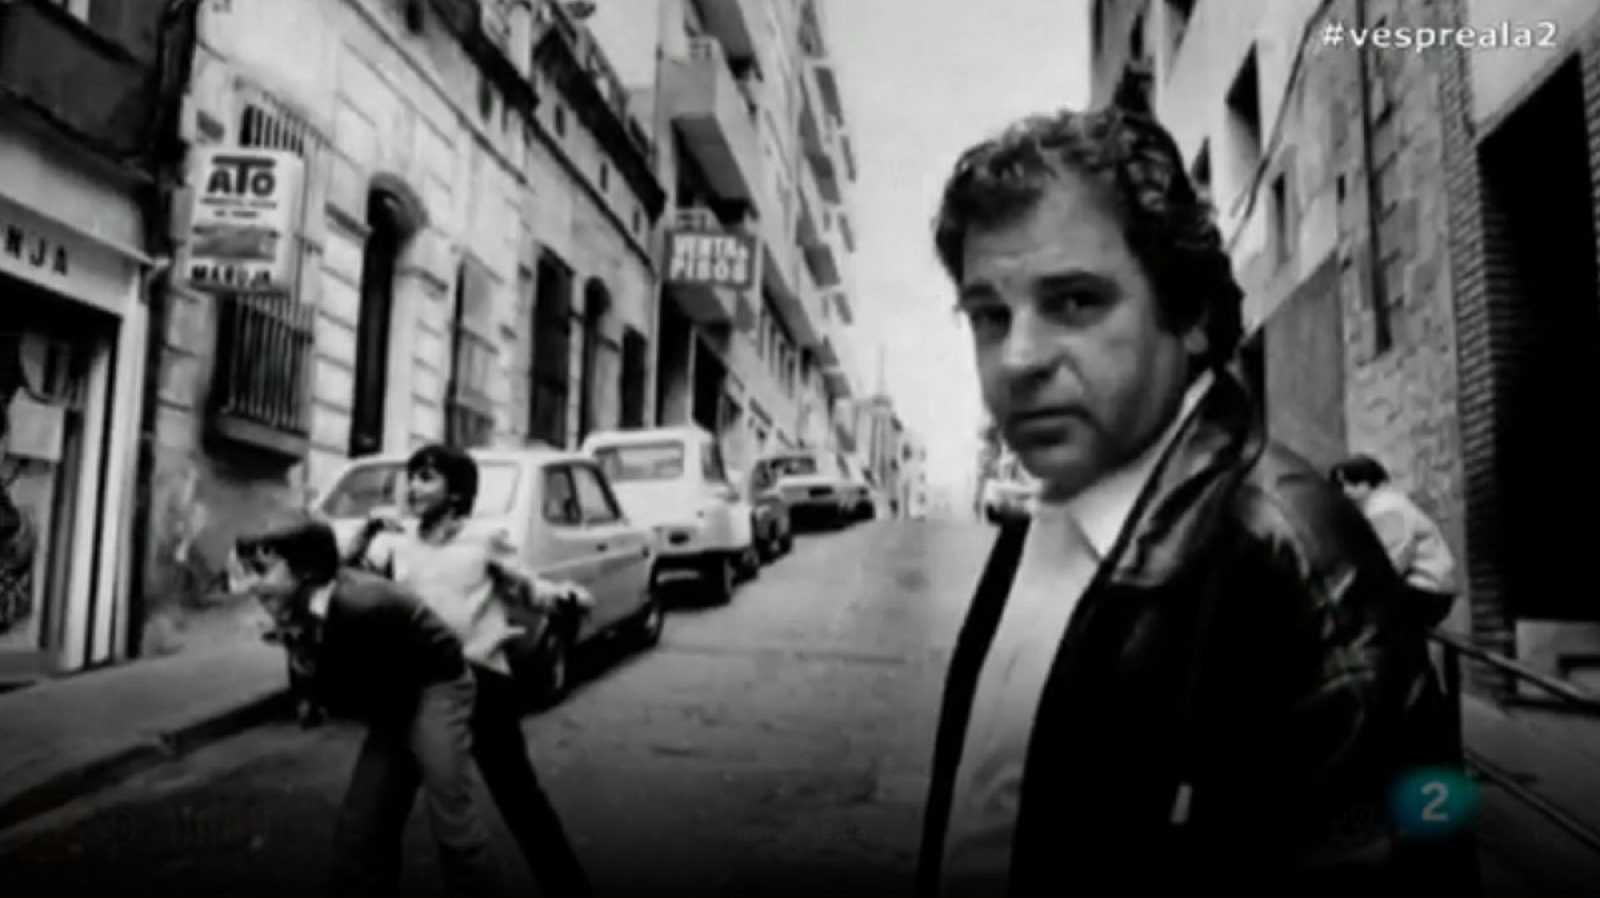 Juan Marsé situava les seves novel·les als barris de Barcelona, com ara el Carmel